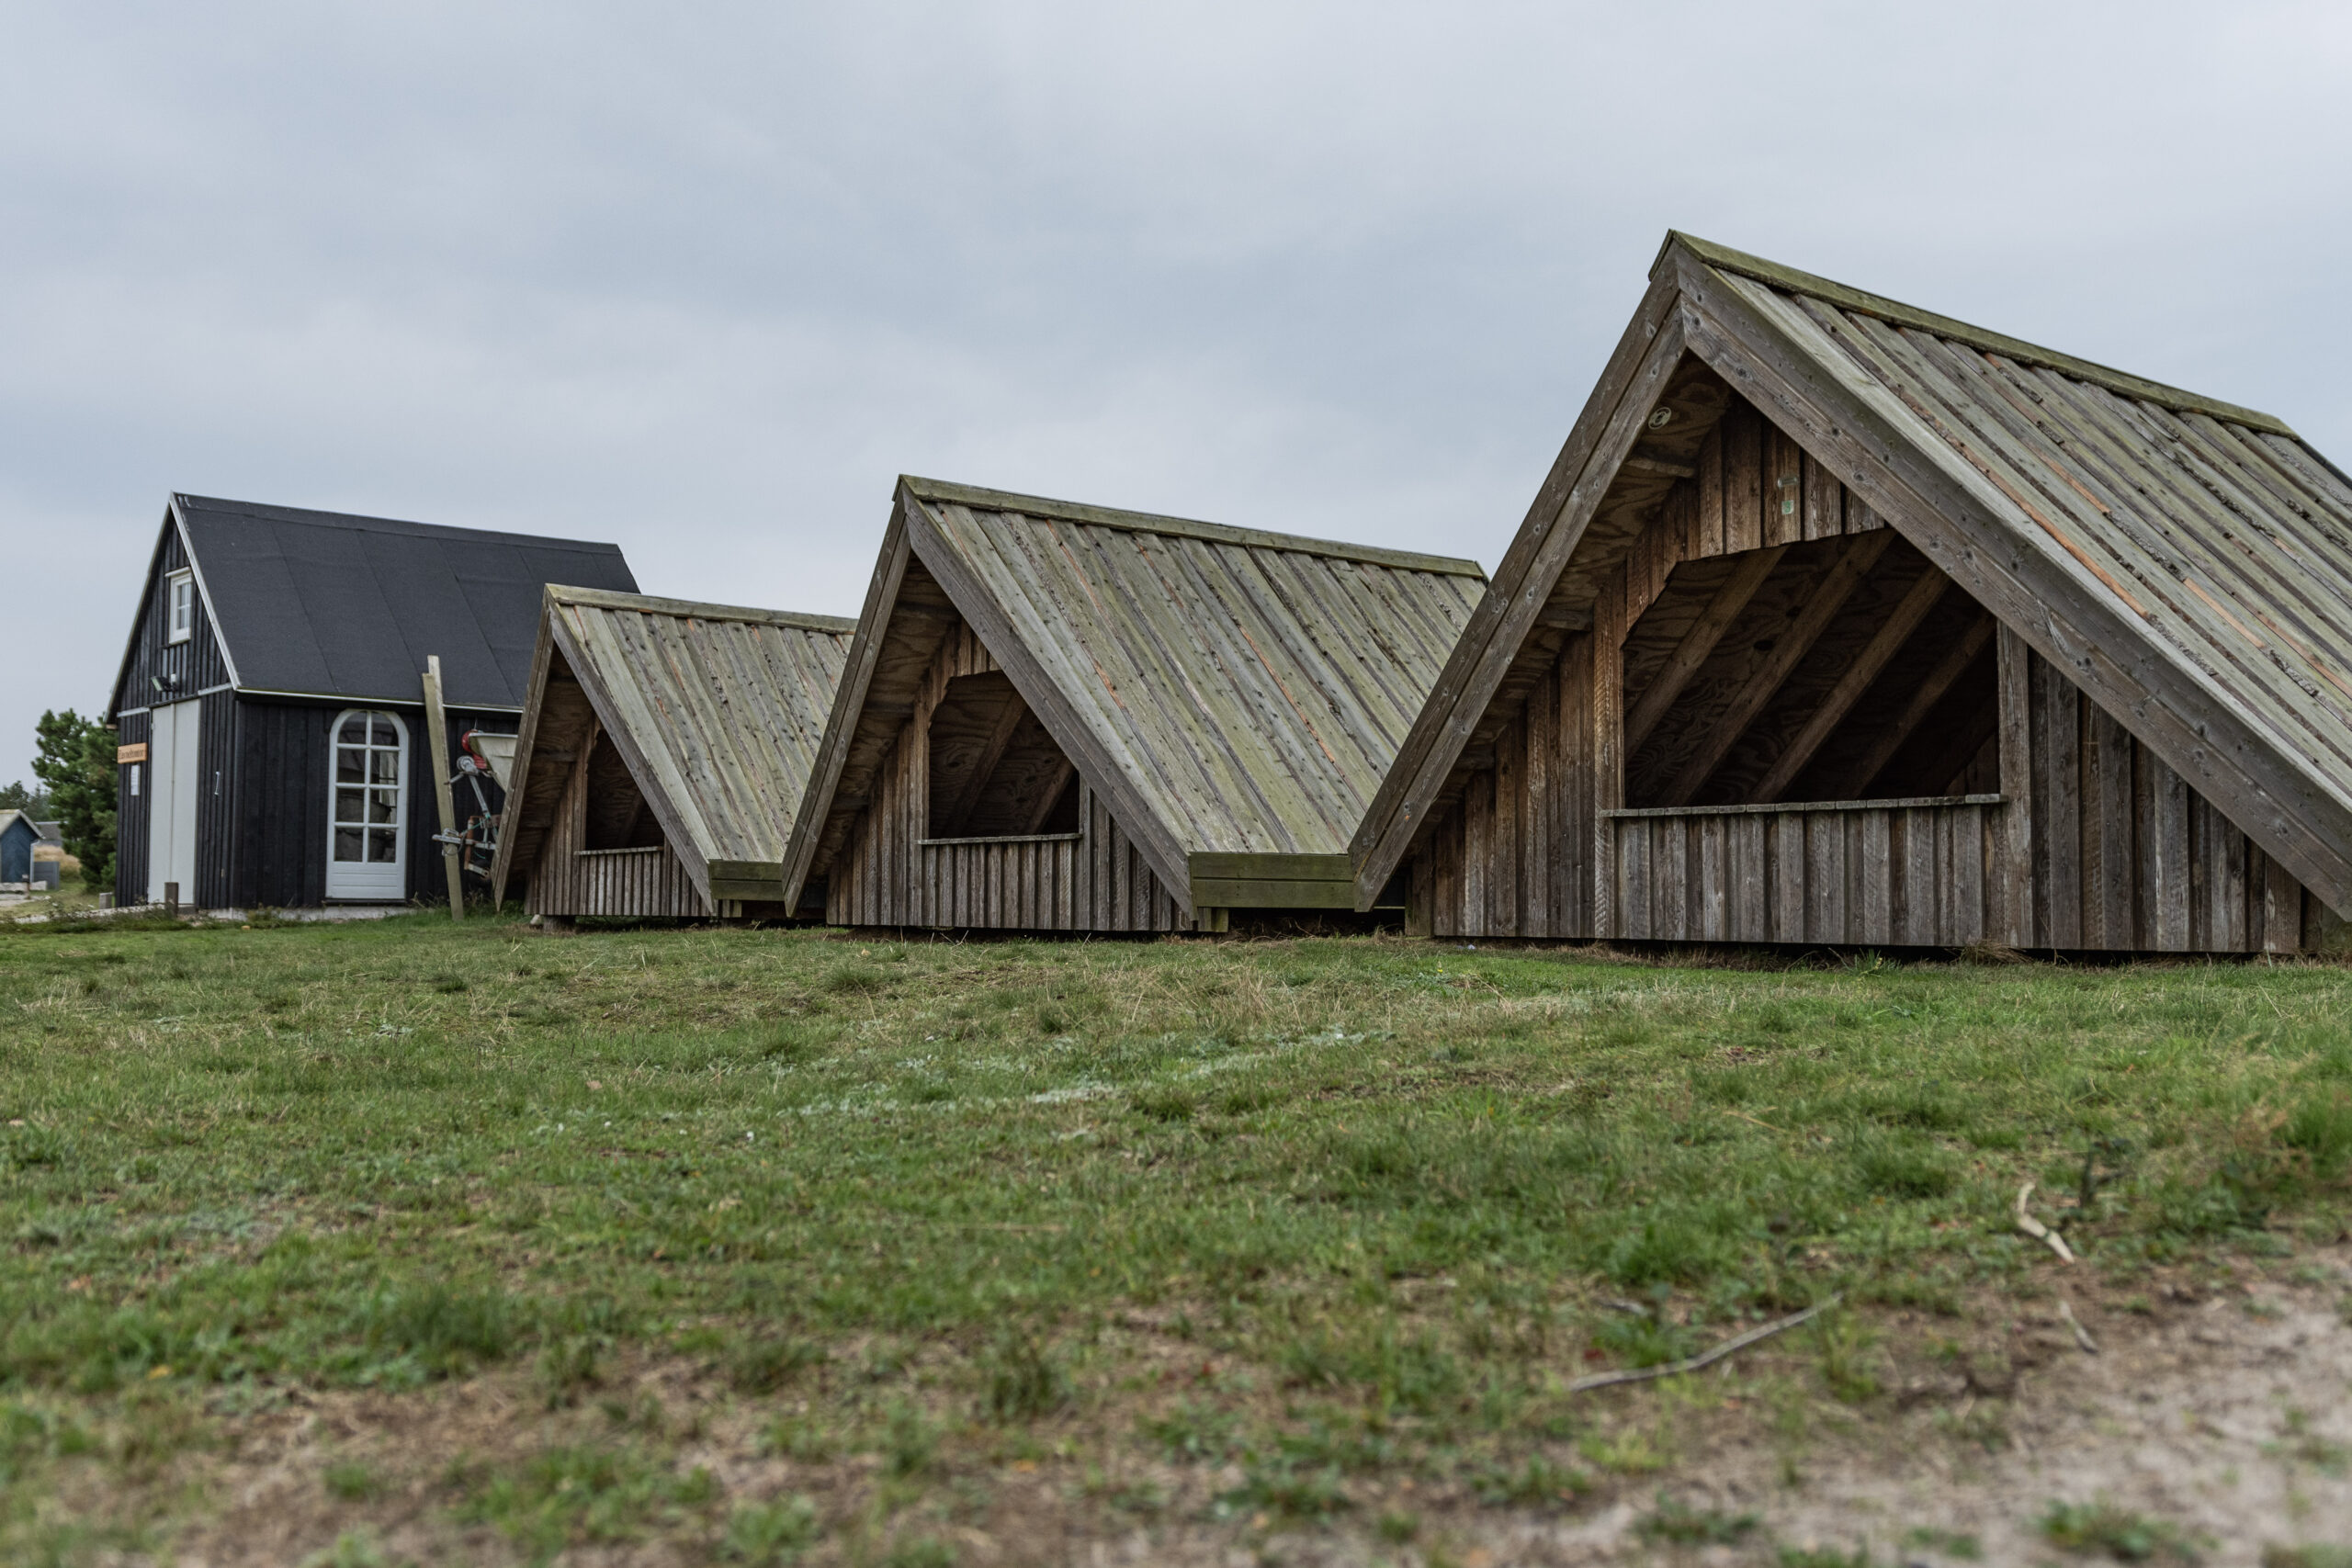 Shelter-Hütten am Lyngvig Havn Fjordhafen